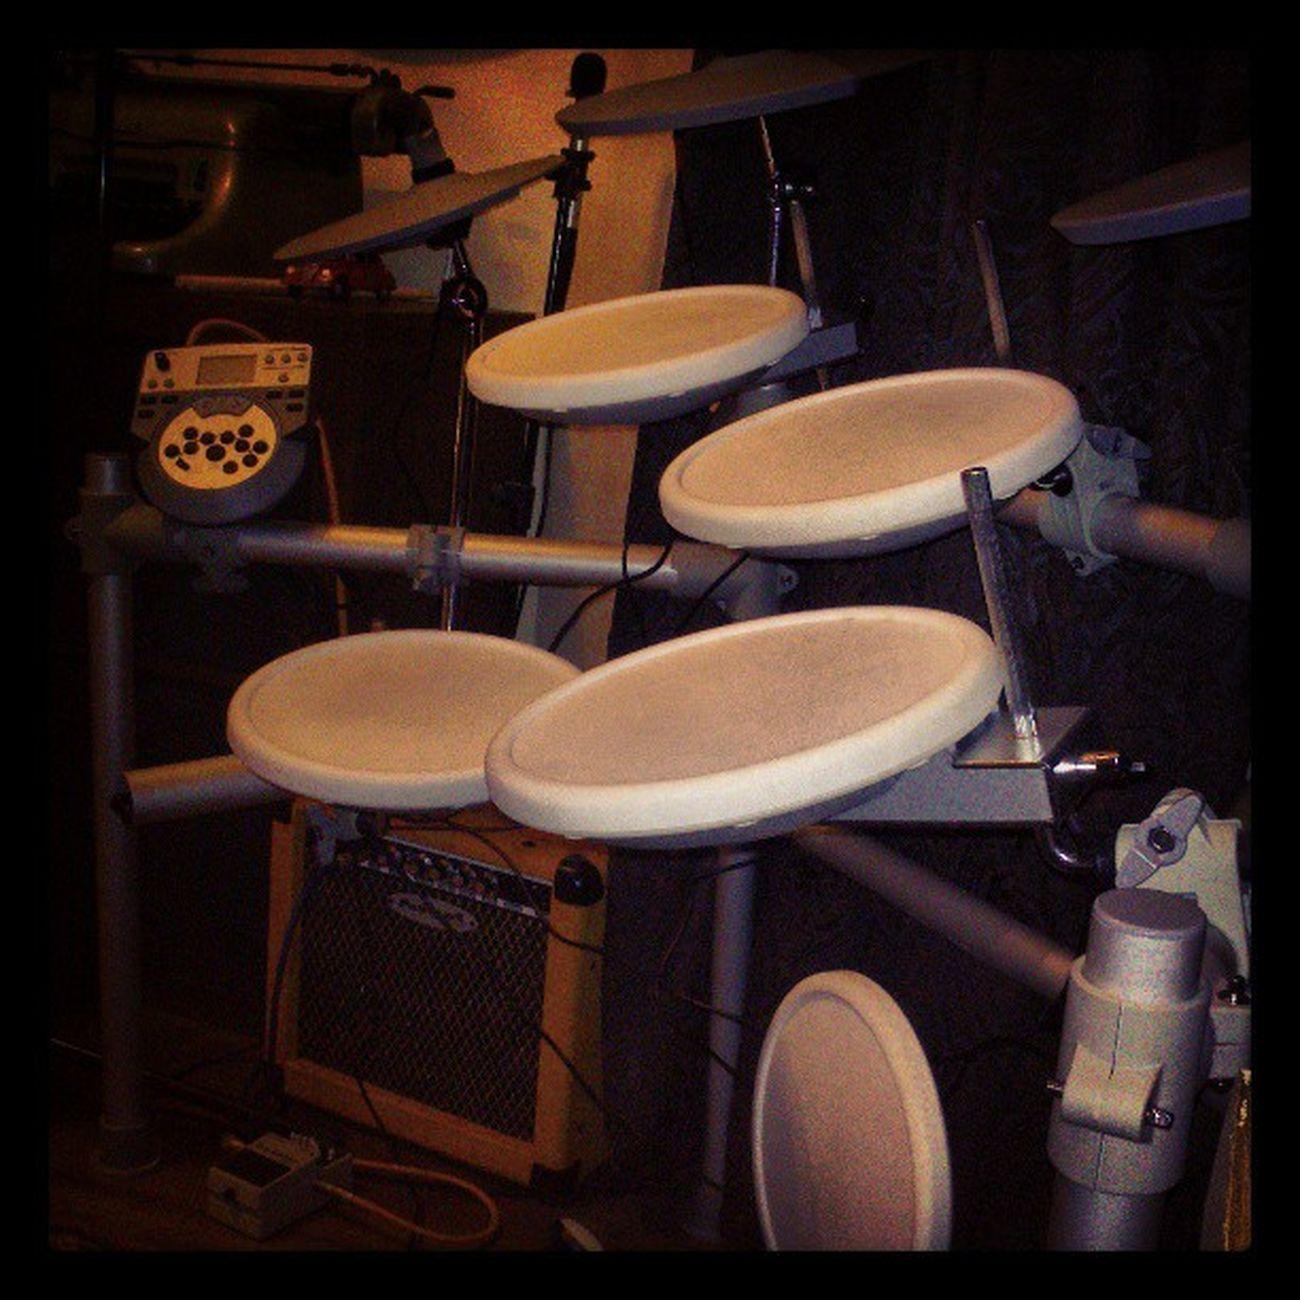 Odamın yeni sakini hoş geldin :-) (pek sakin sayılmaz galiba) Bateri Drum Hgstudyo Gfarukunal